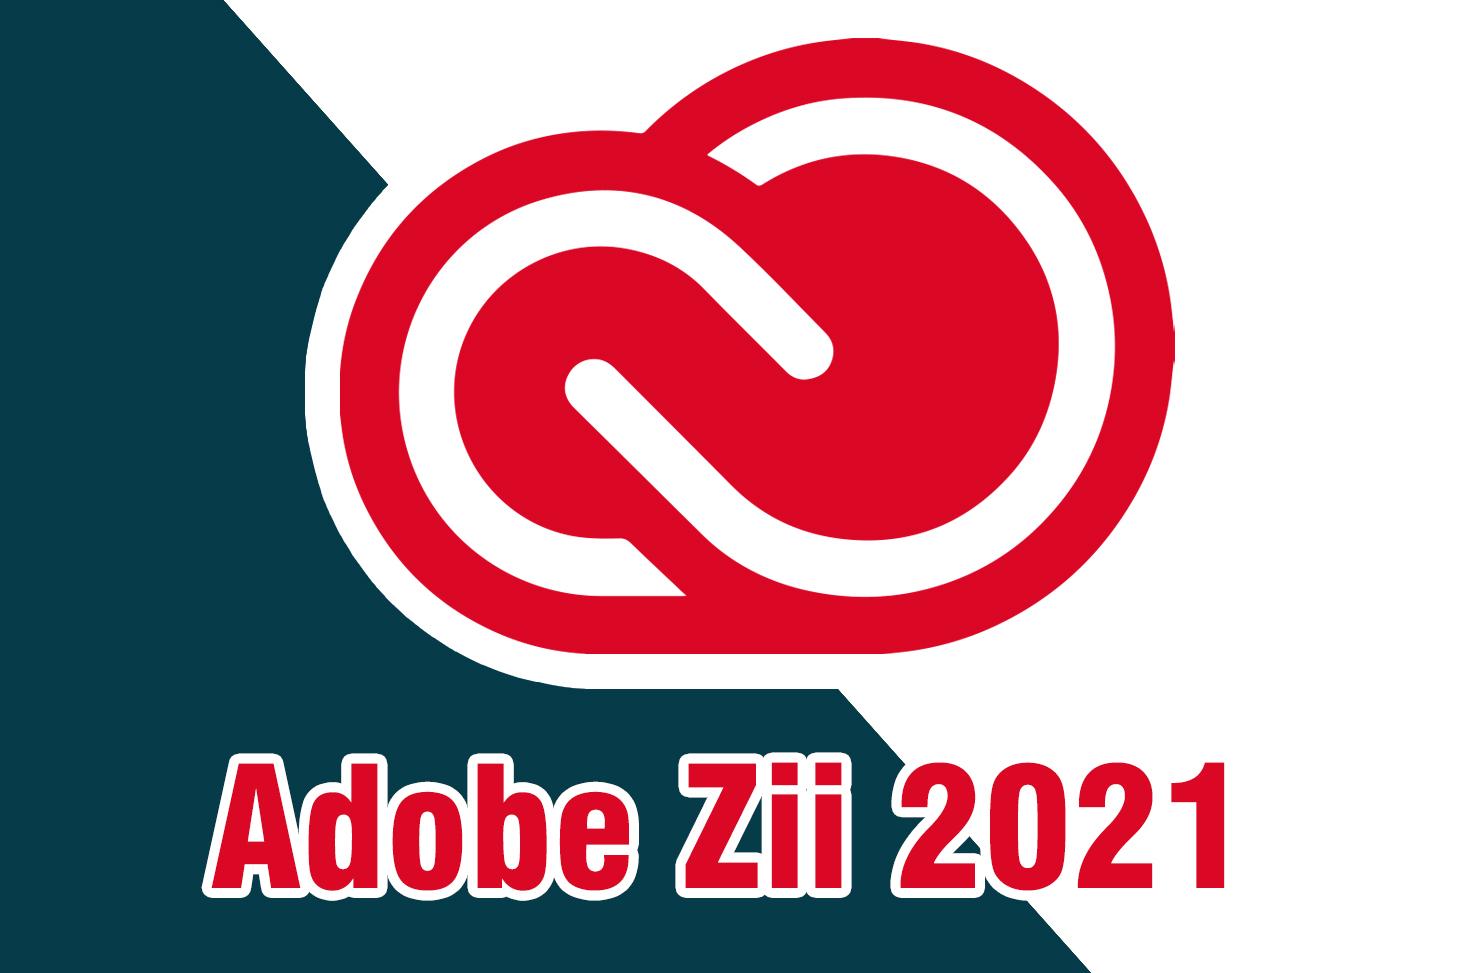 """#2021 Adobe Zii 2021 v6.0.6 – """"Thuốc"""" các ứng dụng trong bộ Adobe 2021 – Maclife"""